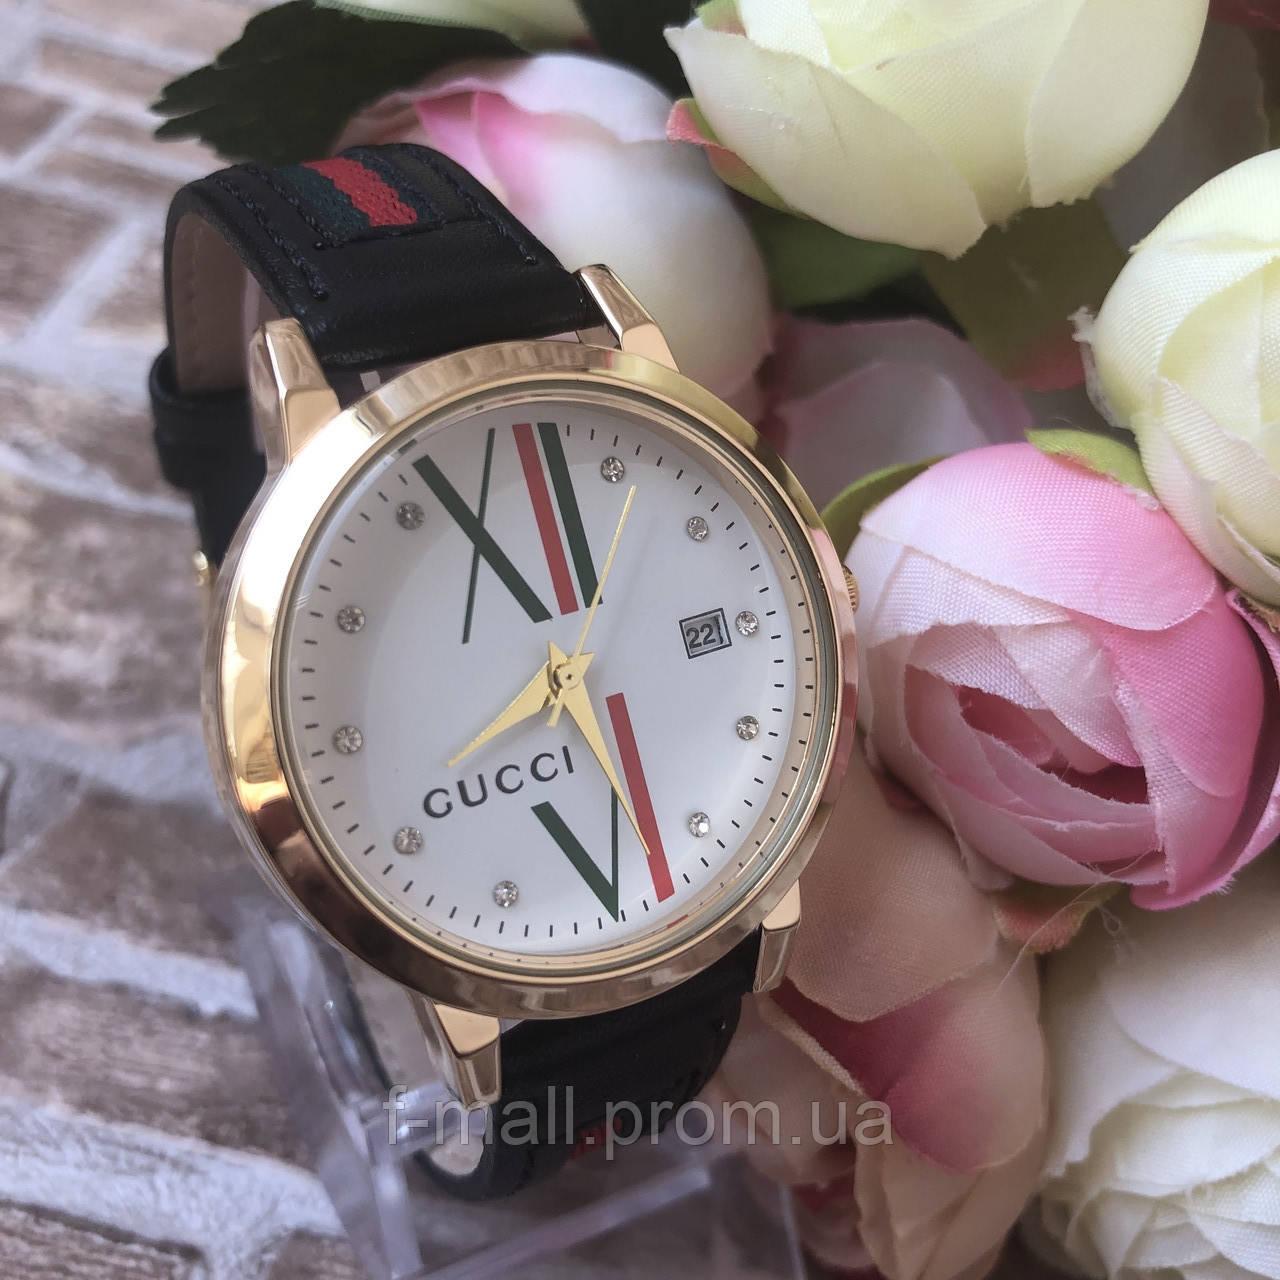 Женские наручные часы  Gucci (реплика) черные